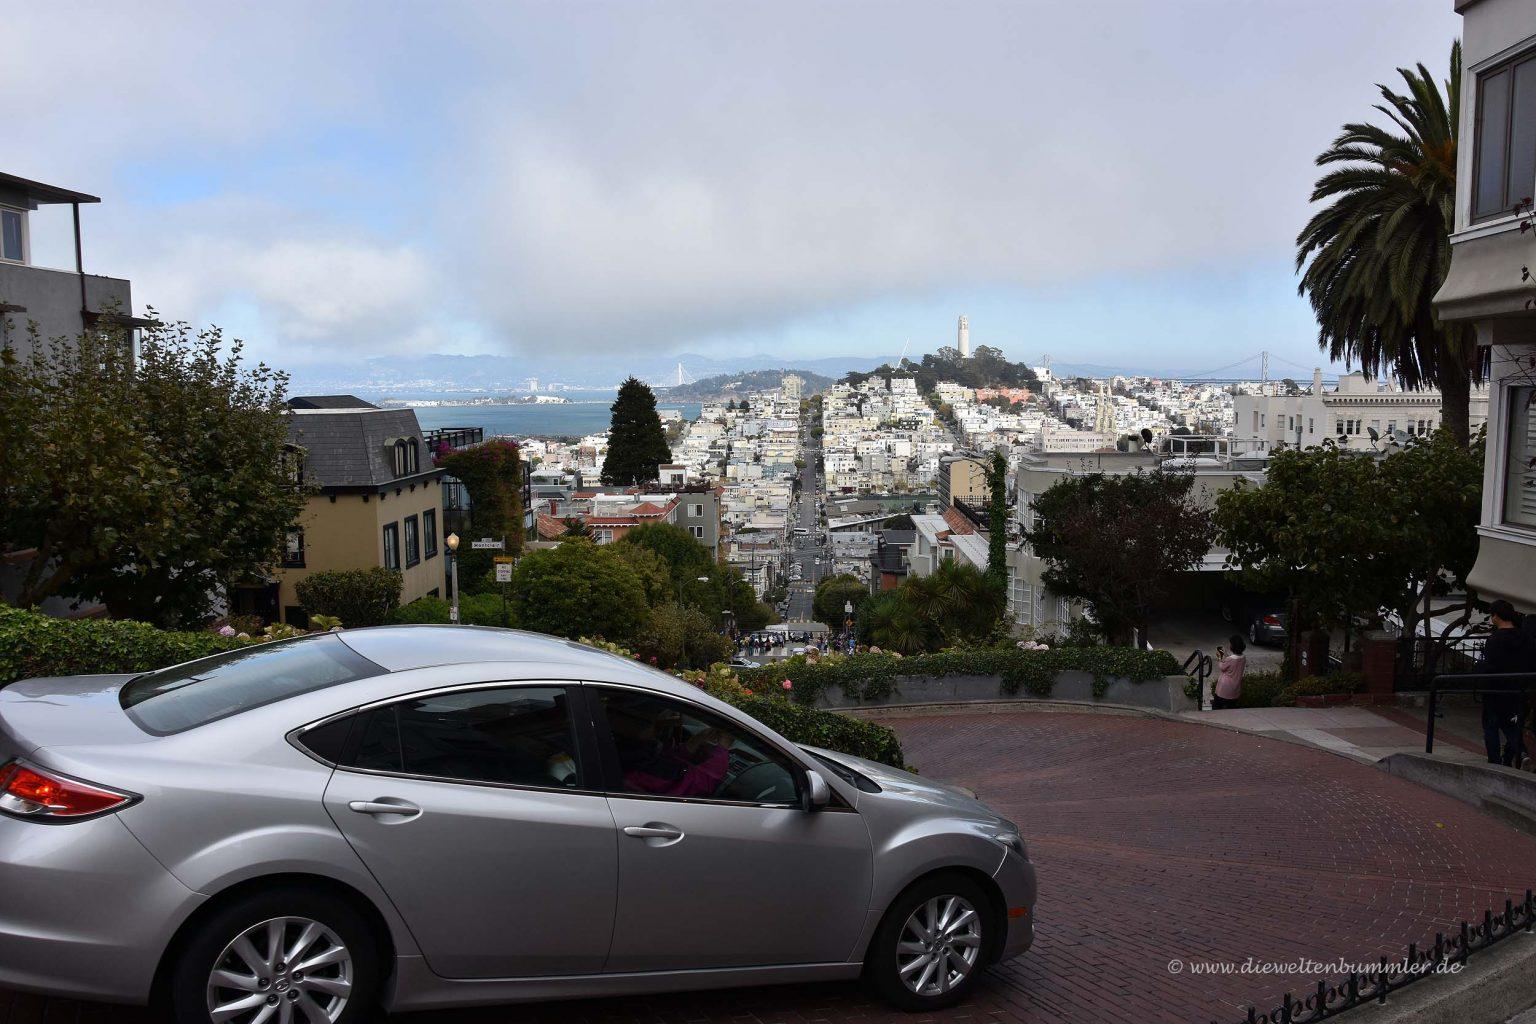 Kurvige und steile Straße in San Francisco